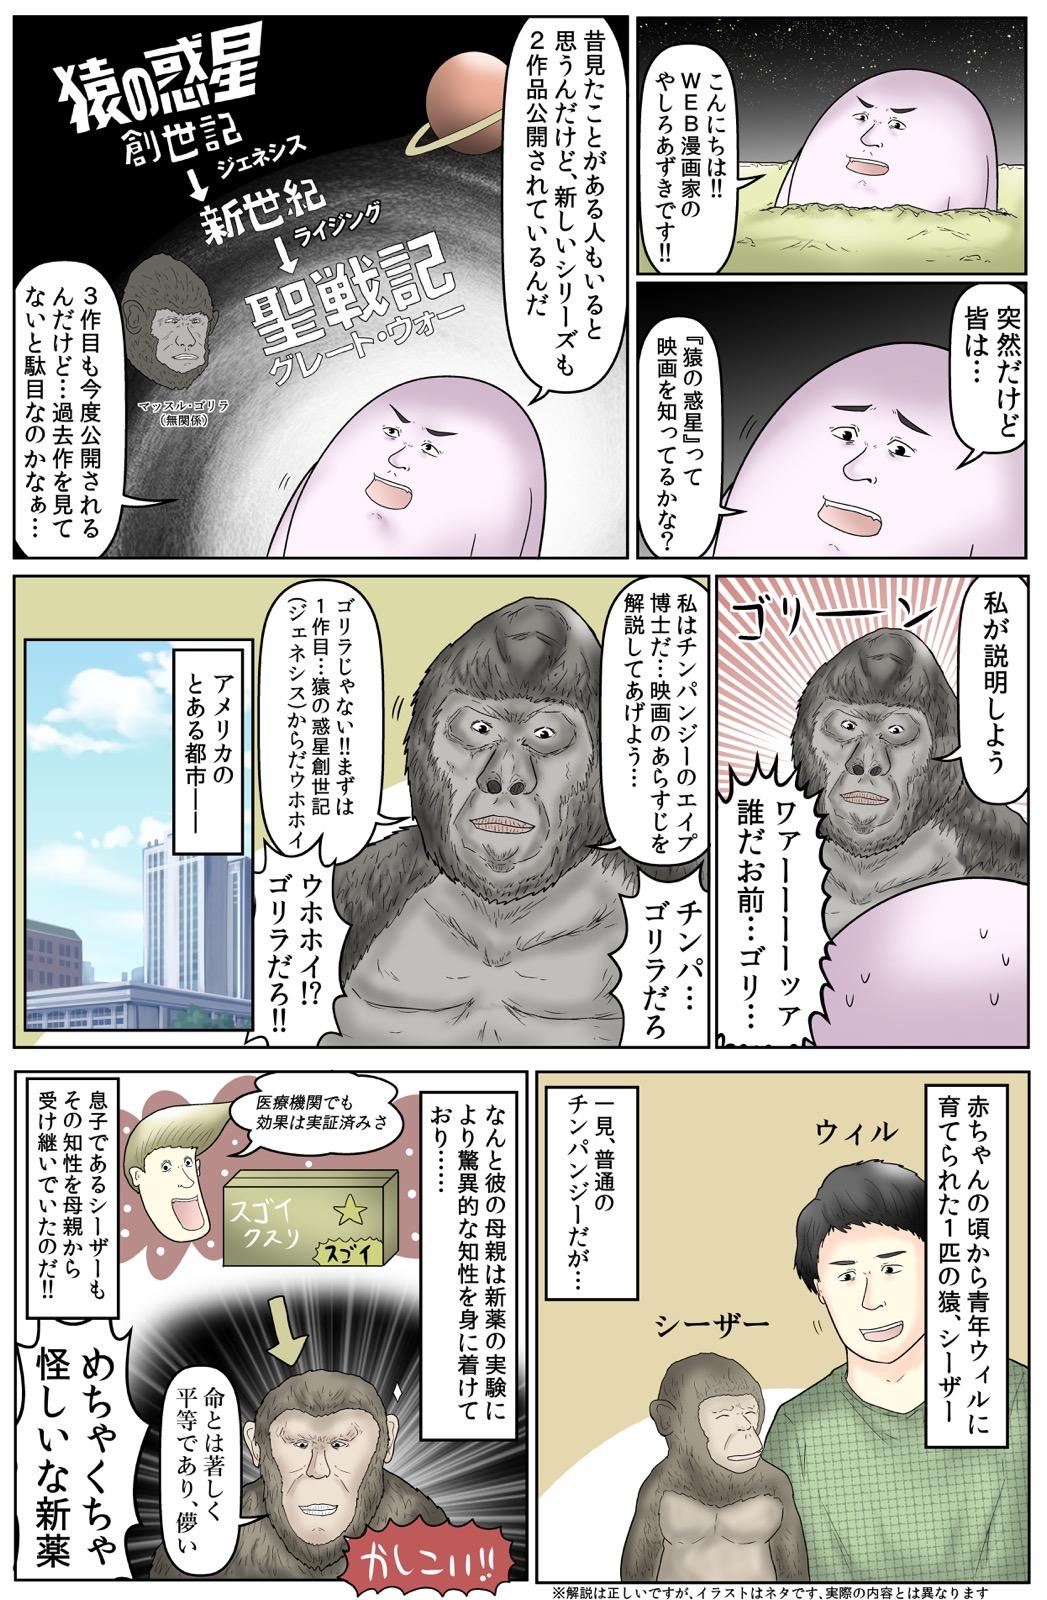 20世紀fox猿の惑星 聖戦記漫画プロモーション All Blue Inc